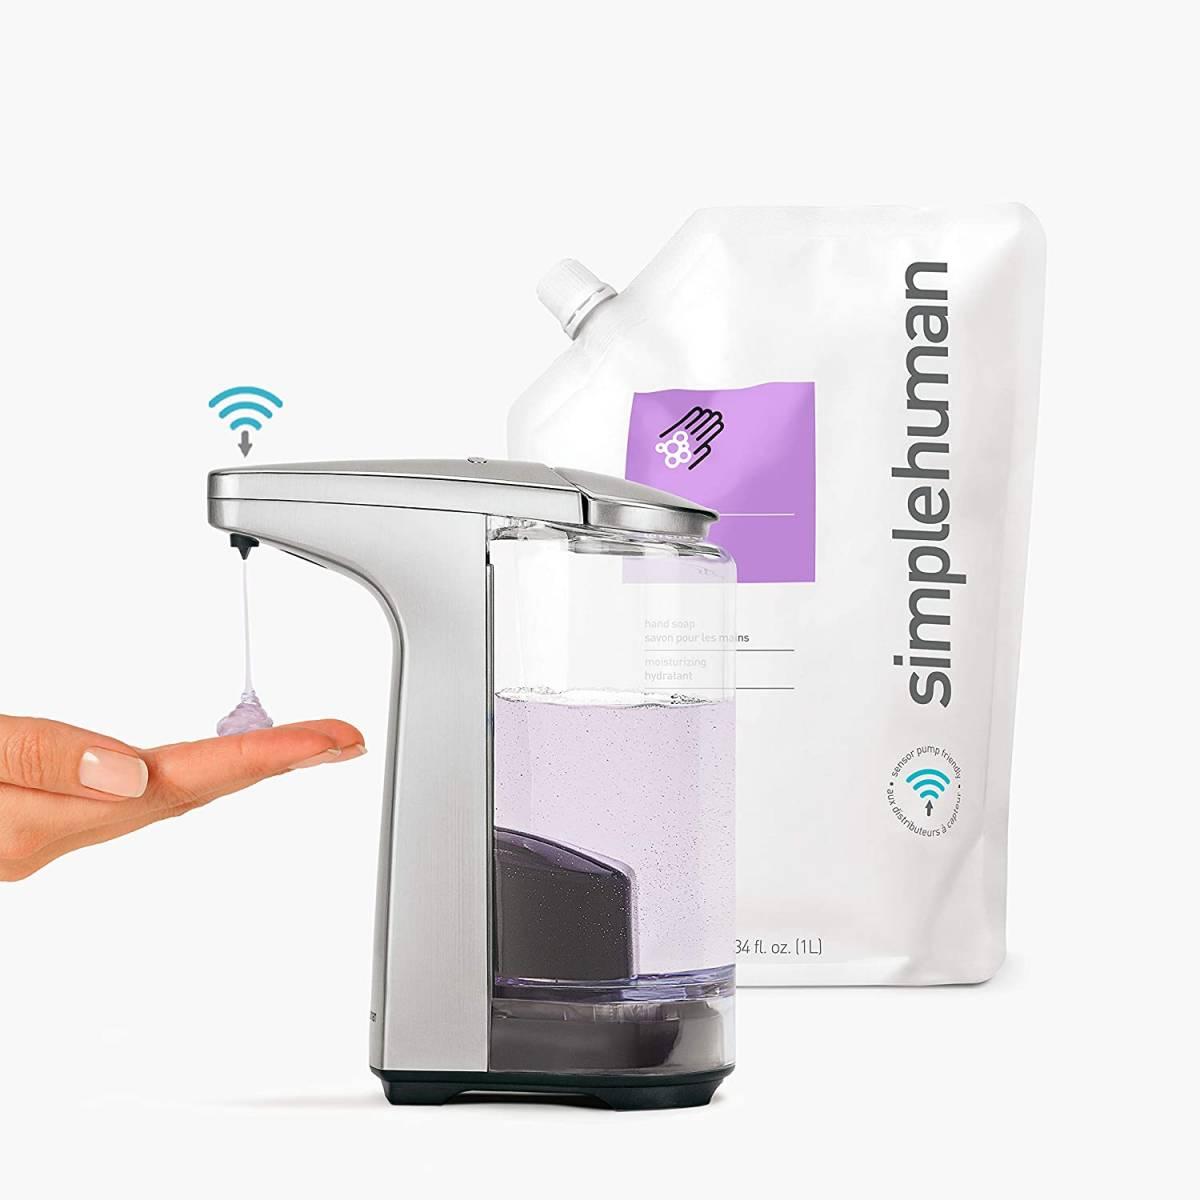 Дозатор жидкого мыла сенсорный Simplehuman (ST1023) ST1023 Simplehuman